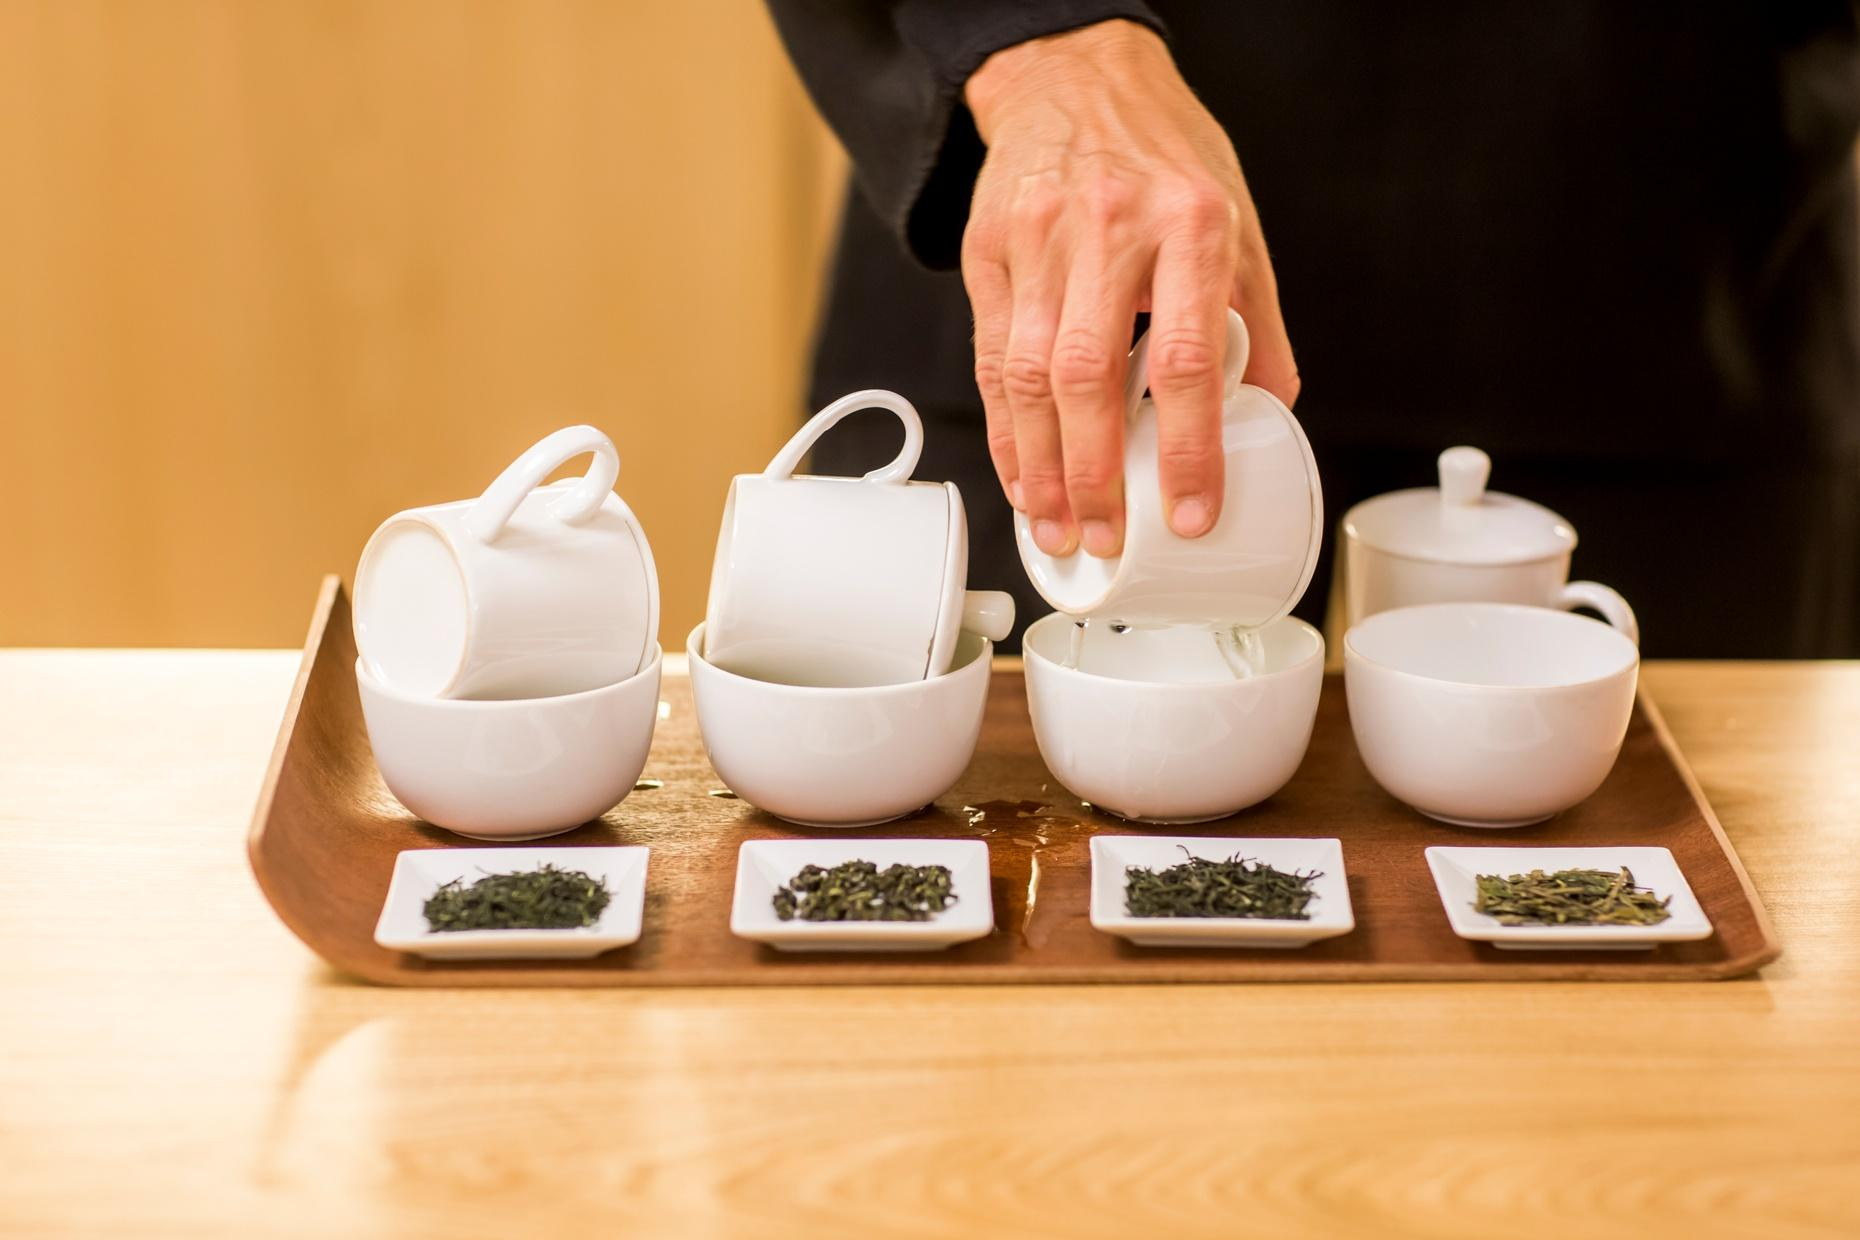 Grand Crus Teas Tastings in SoHo